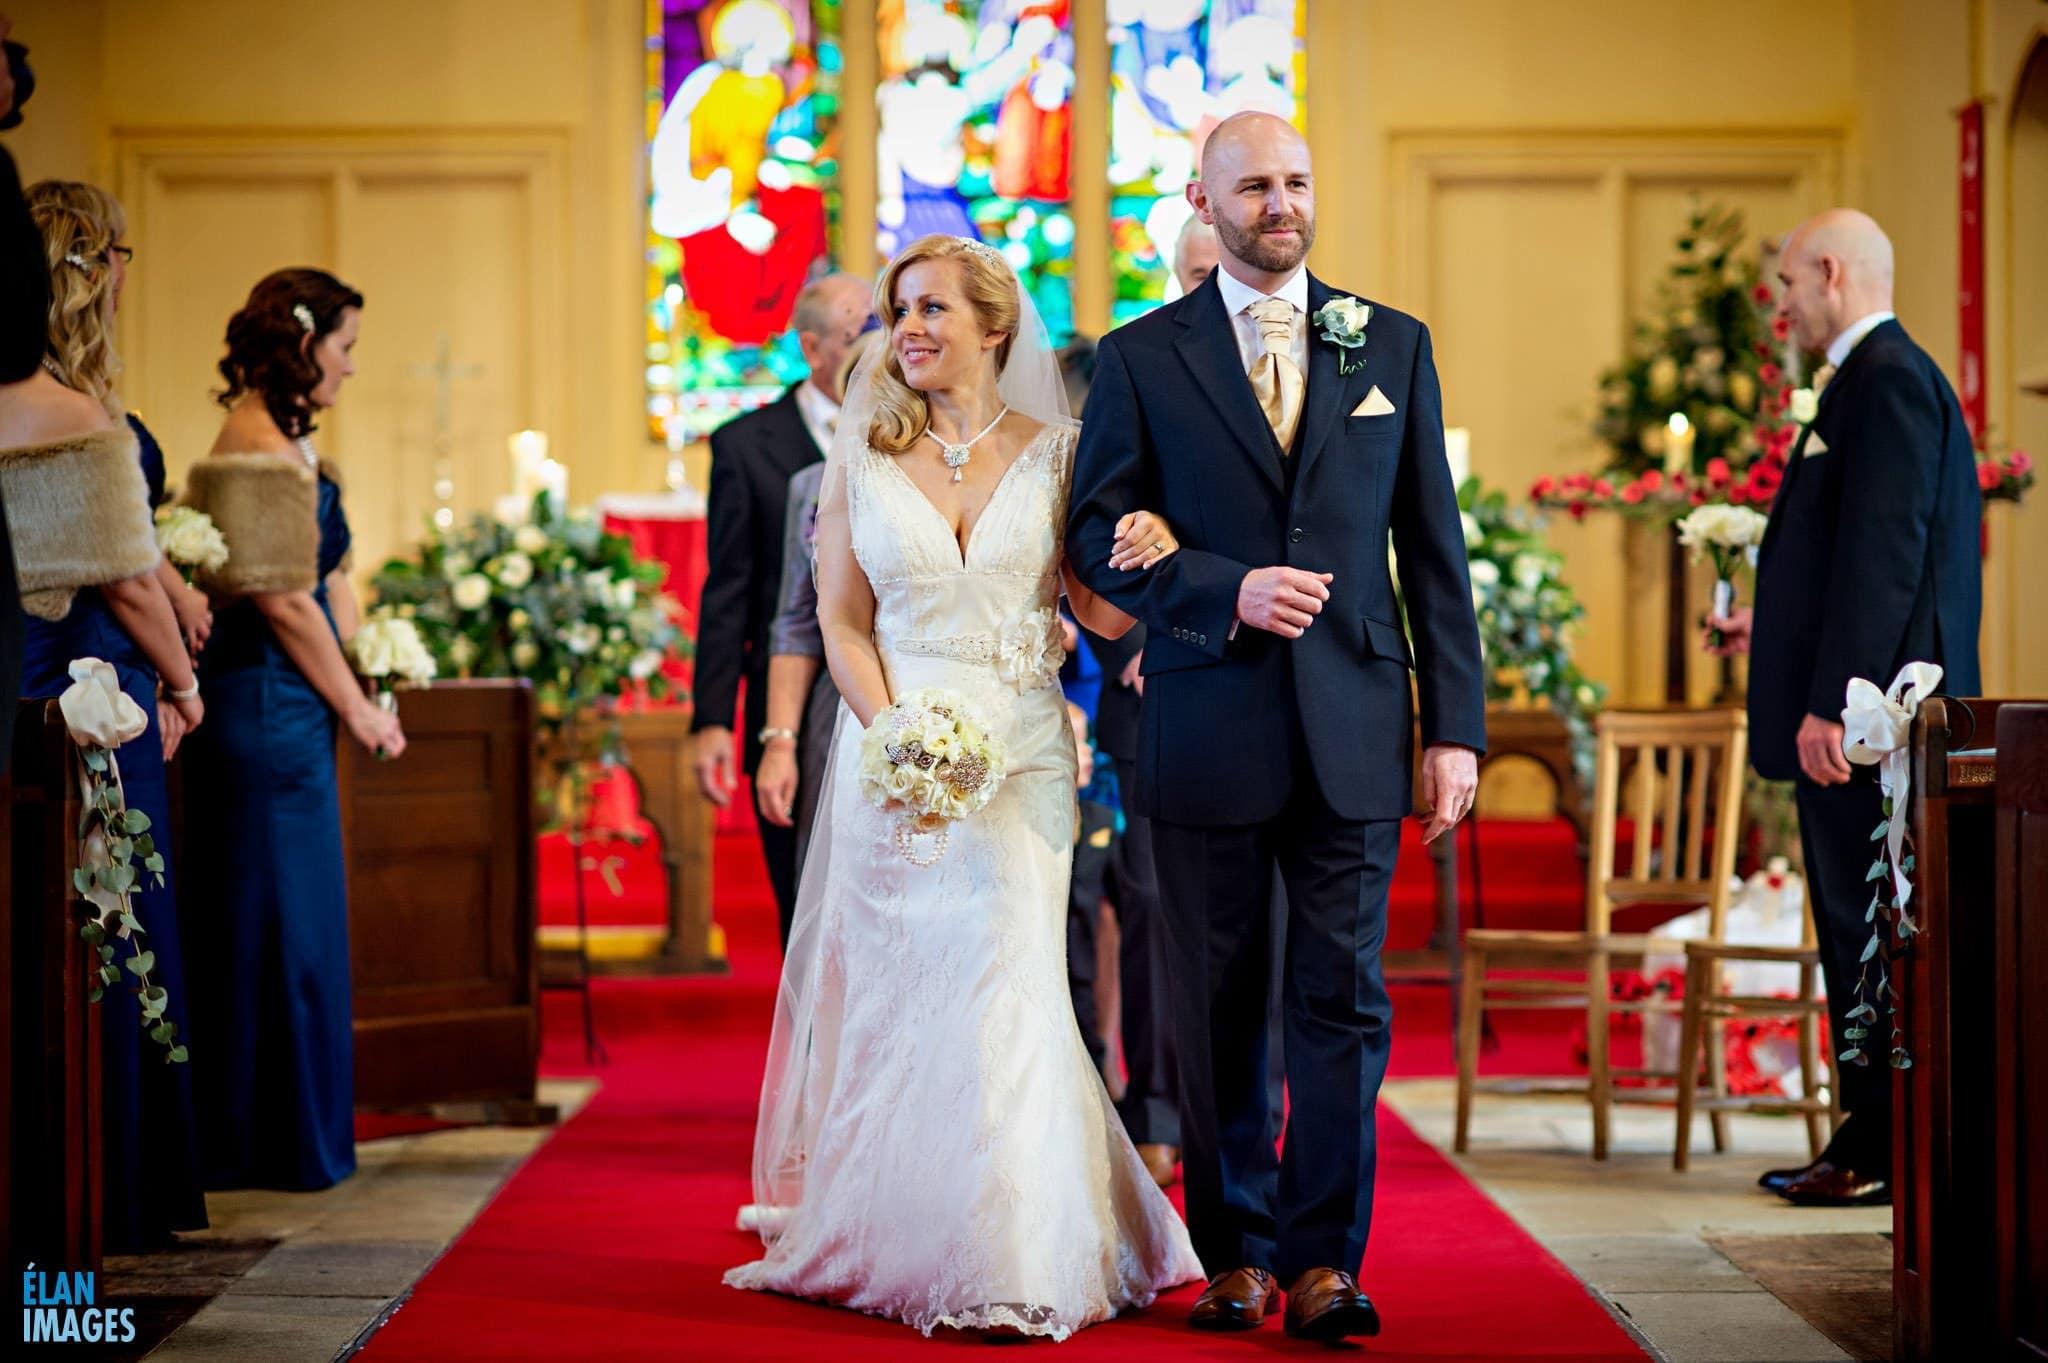 Leigh Park Hotel Wedding in Bradford on Avon 61